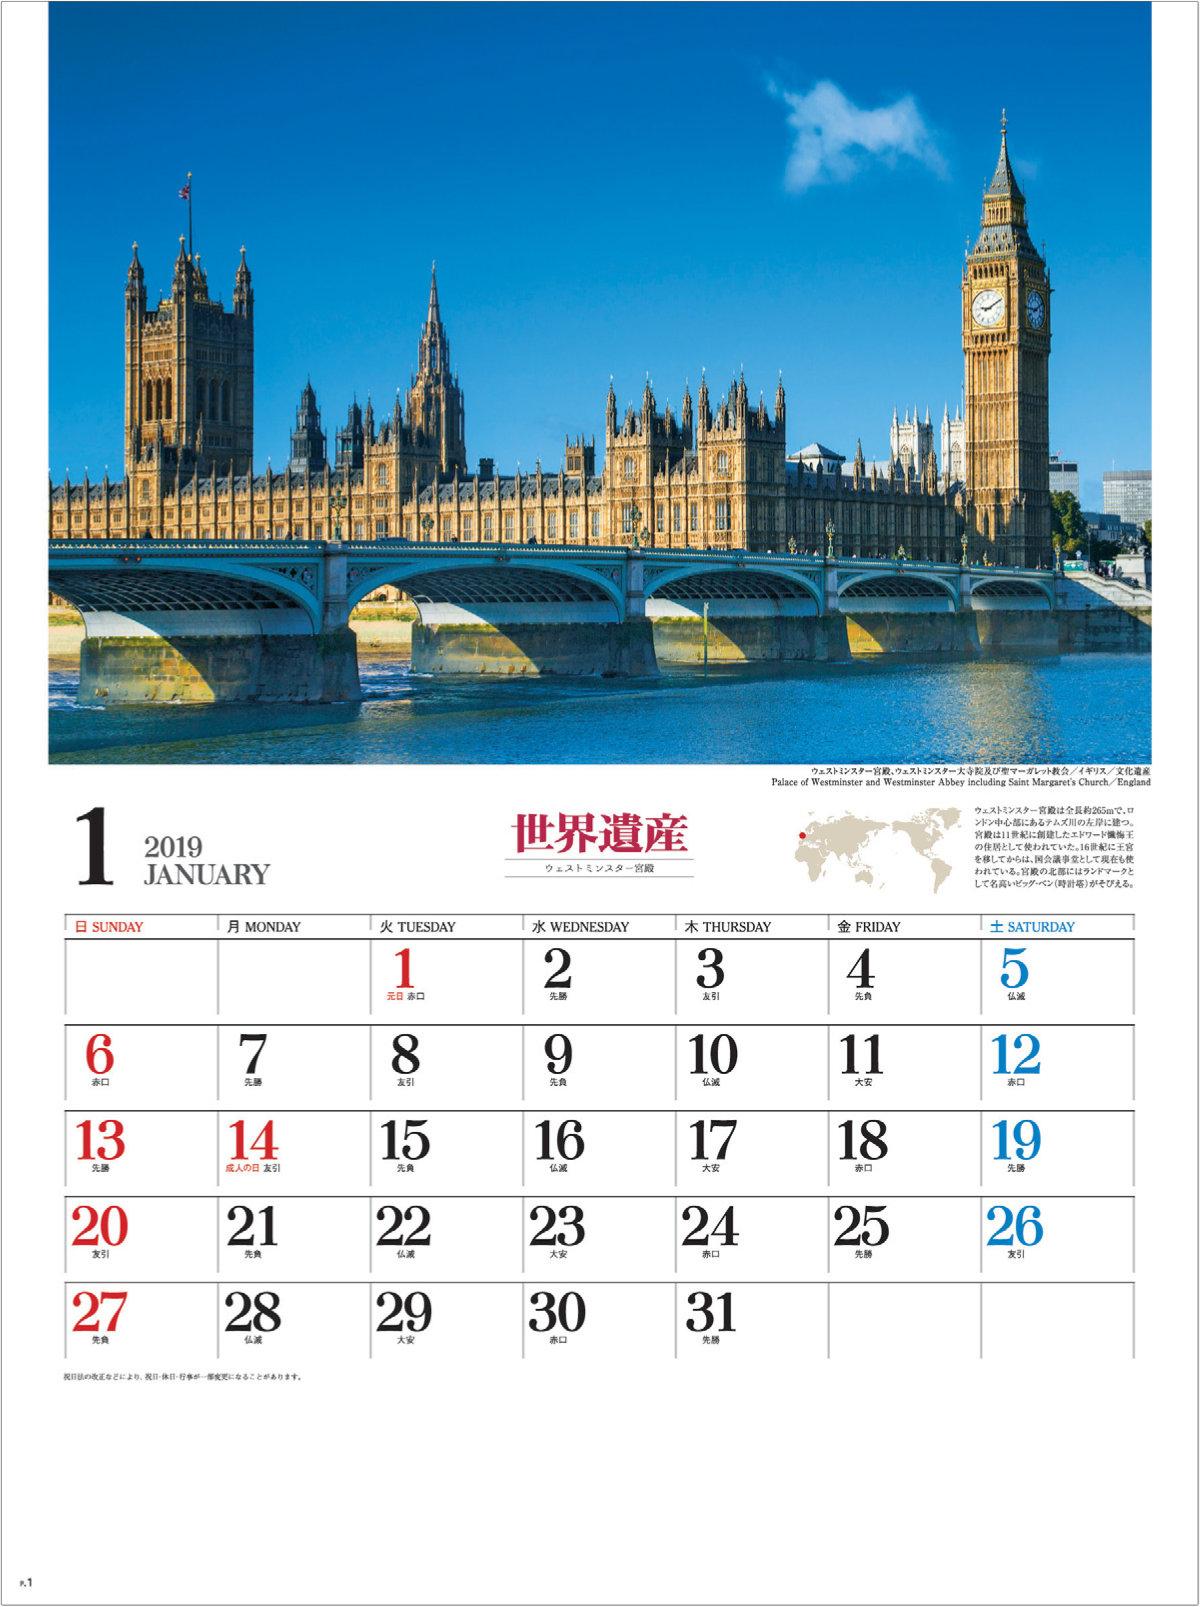 イギリスのビッグベンとウェストミンスター宮殿 ユネスコ世界遺産 2019年カレンダーの画像